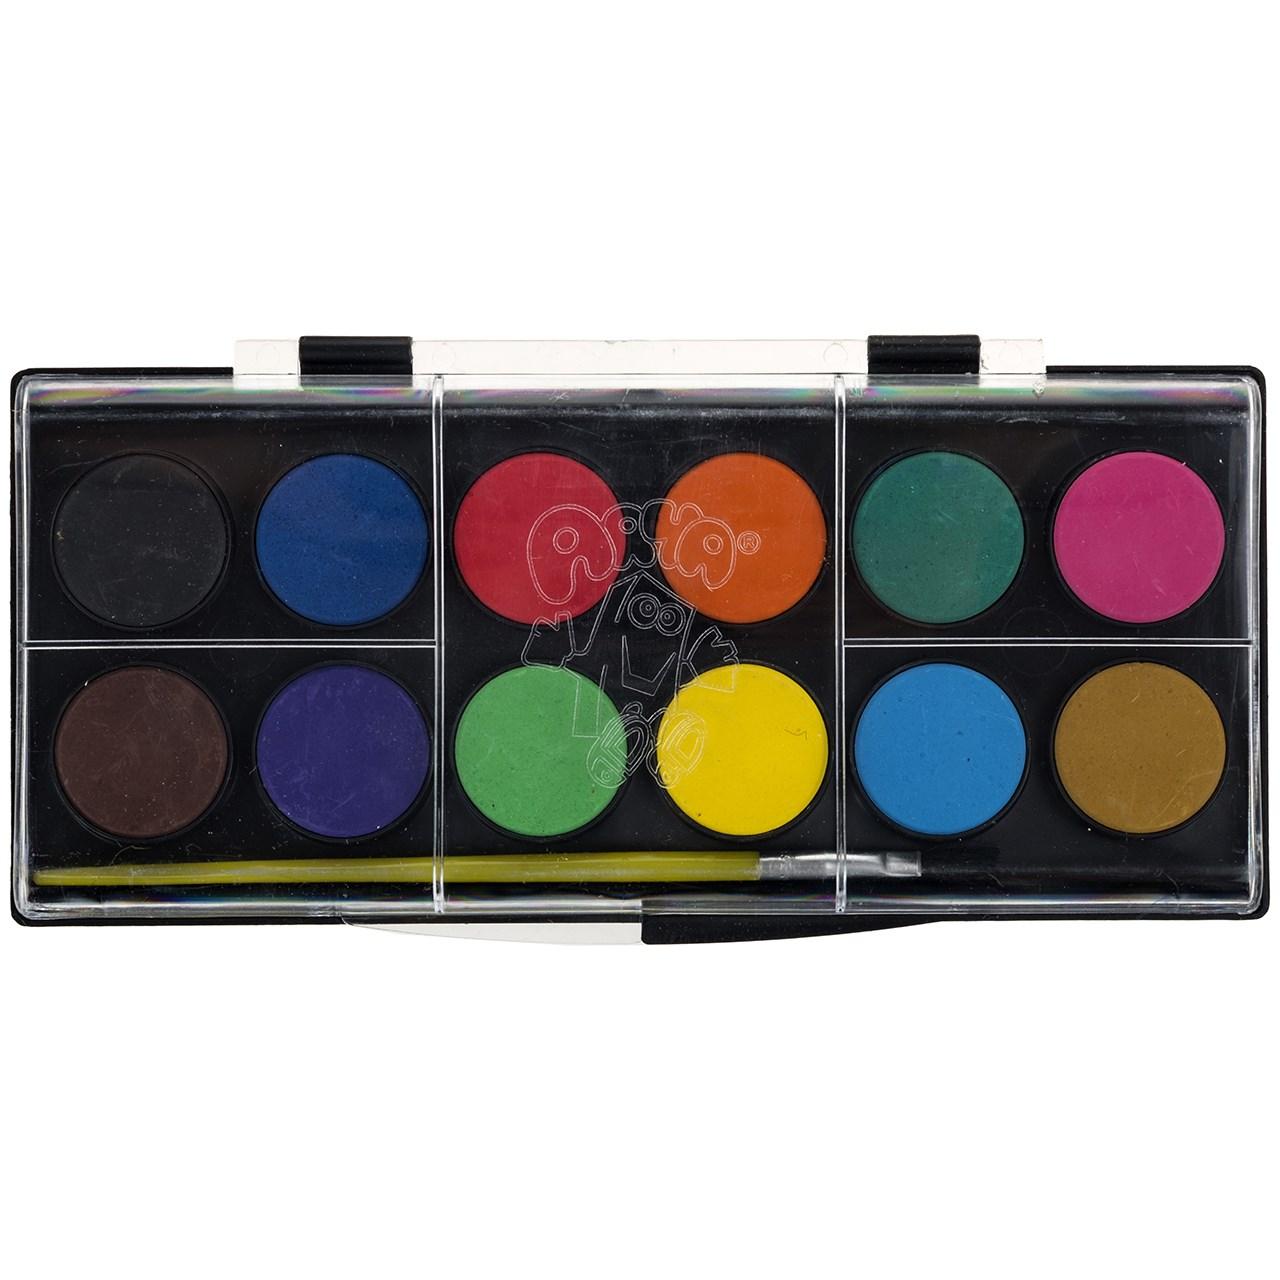 آبرنگ 12 رنگ آريا كد 1-5009